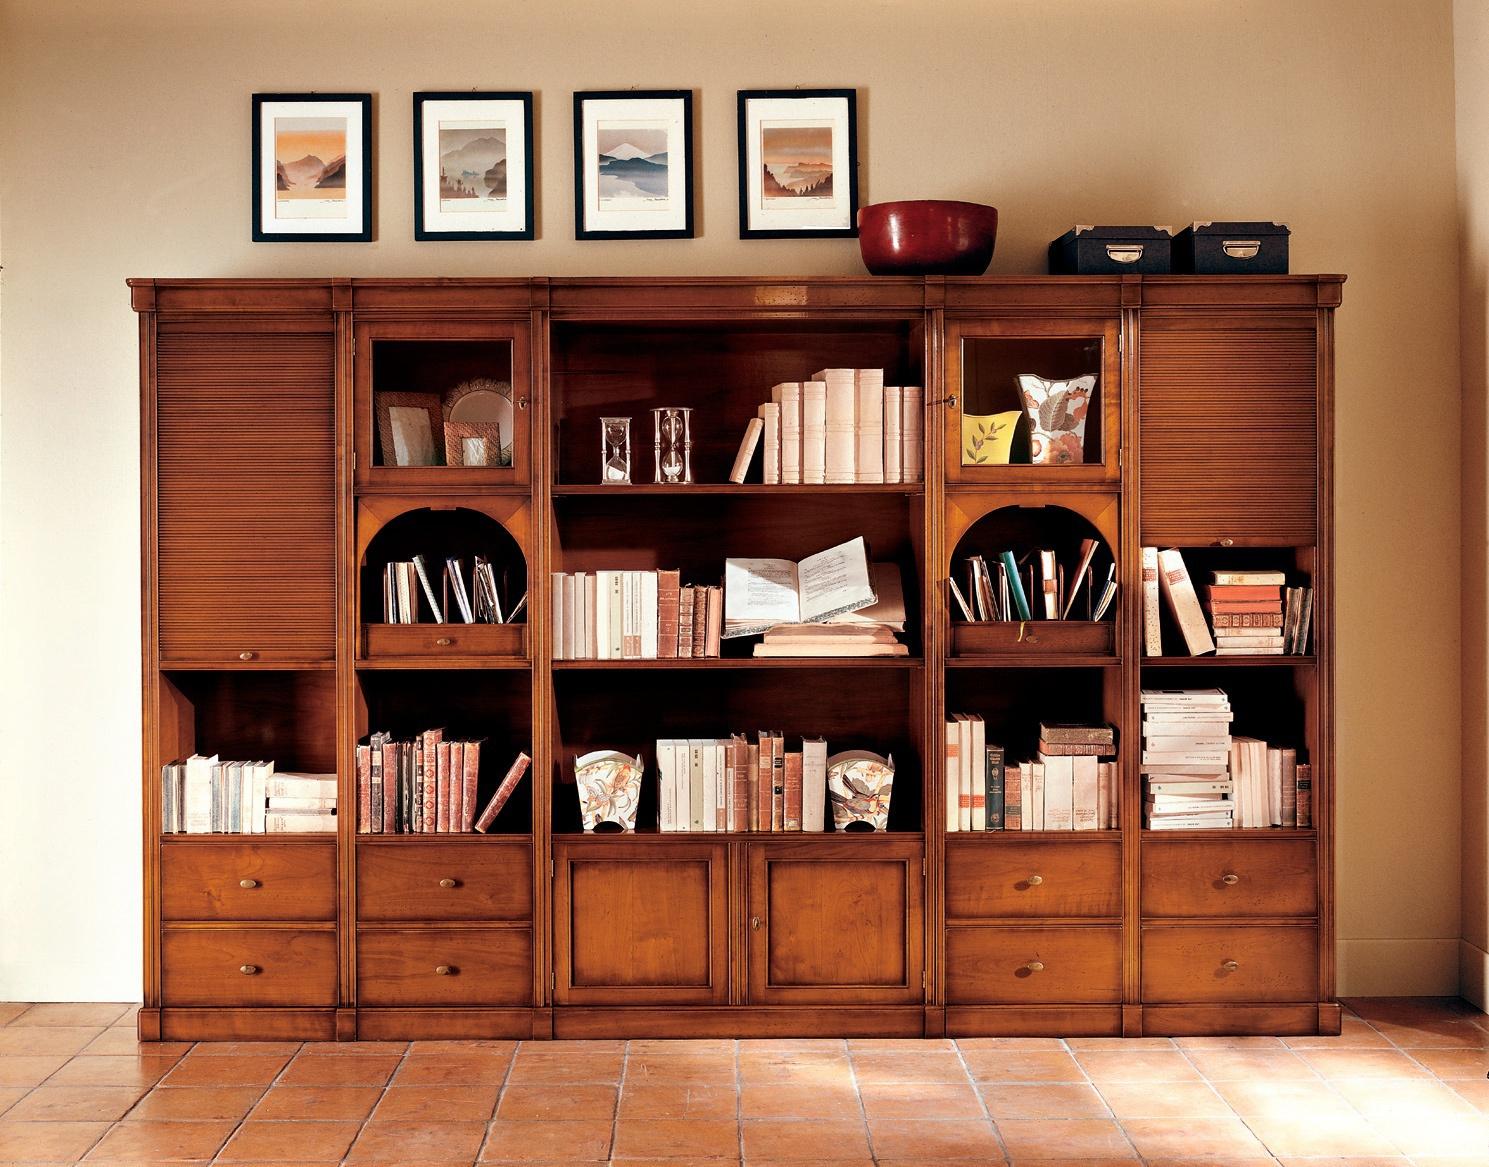 Библиотека cl 008 bizzotto - стеллажи - гостиная - купить ит.